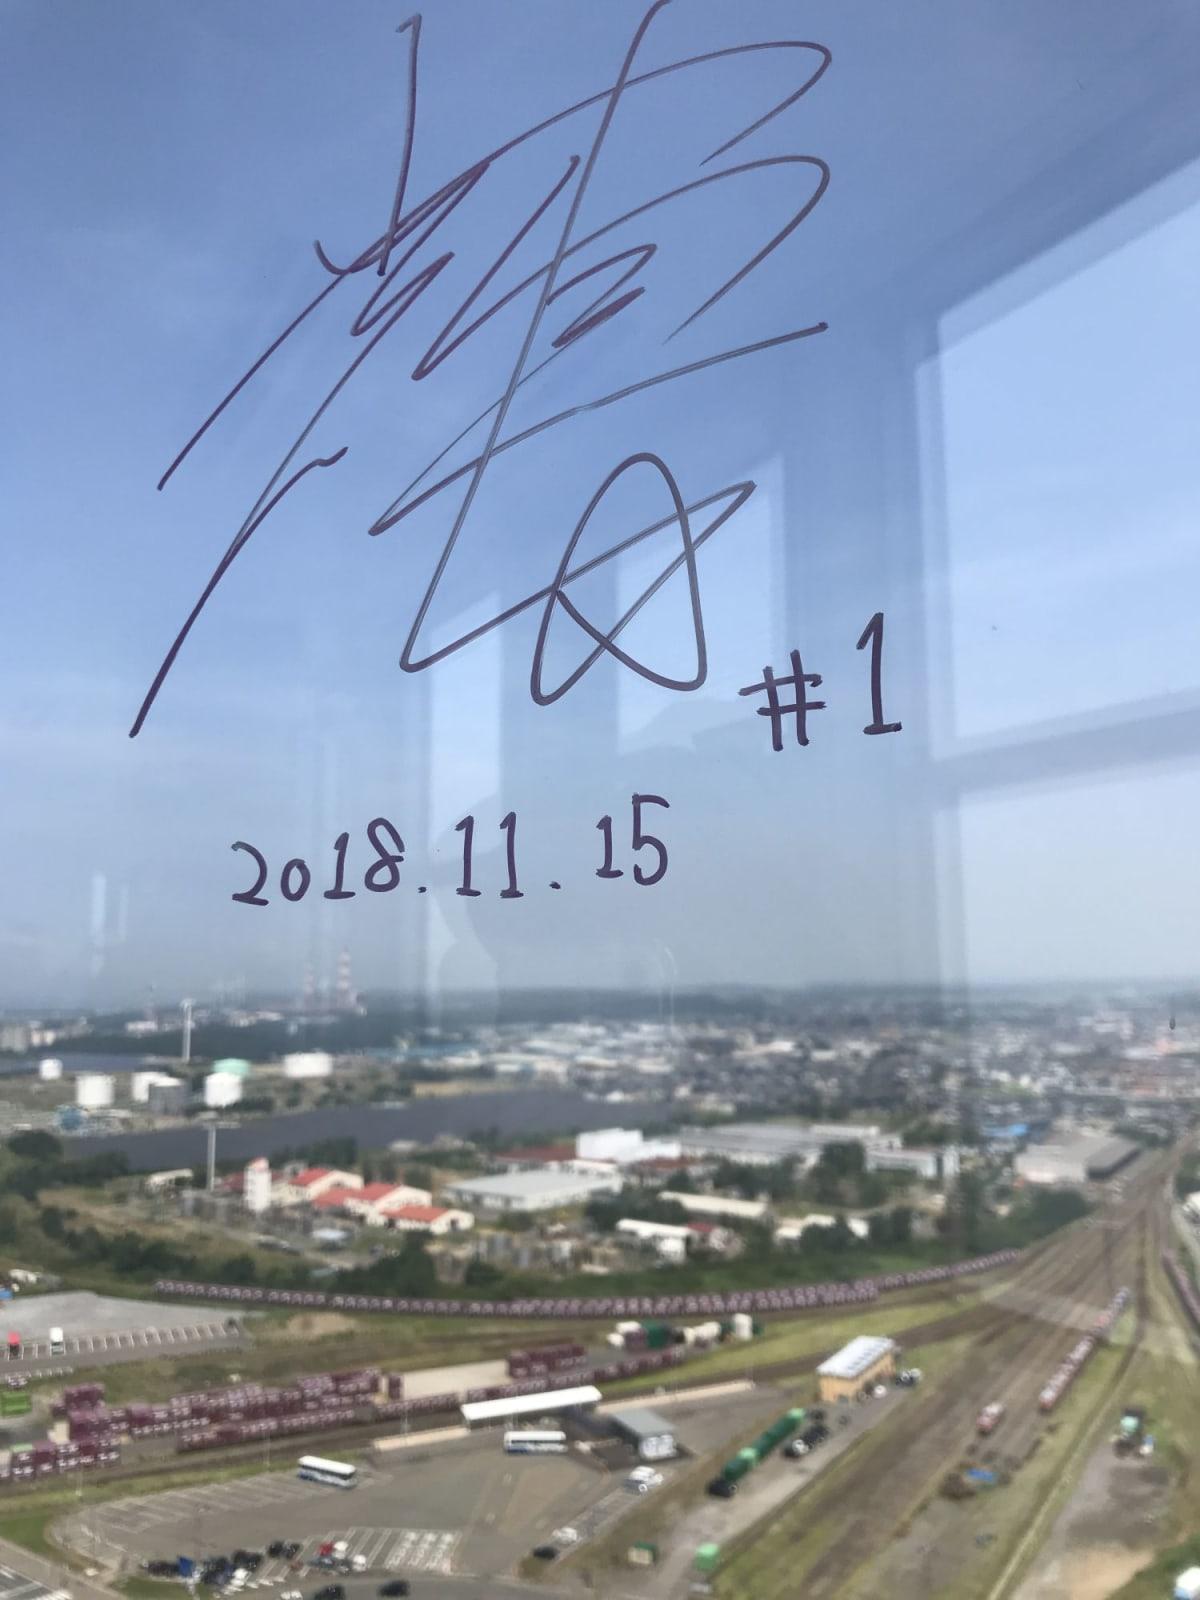 吉田輝星君のサイン。セリオンタワー3階です。 | 秋田